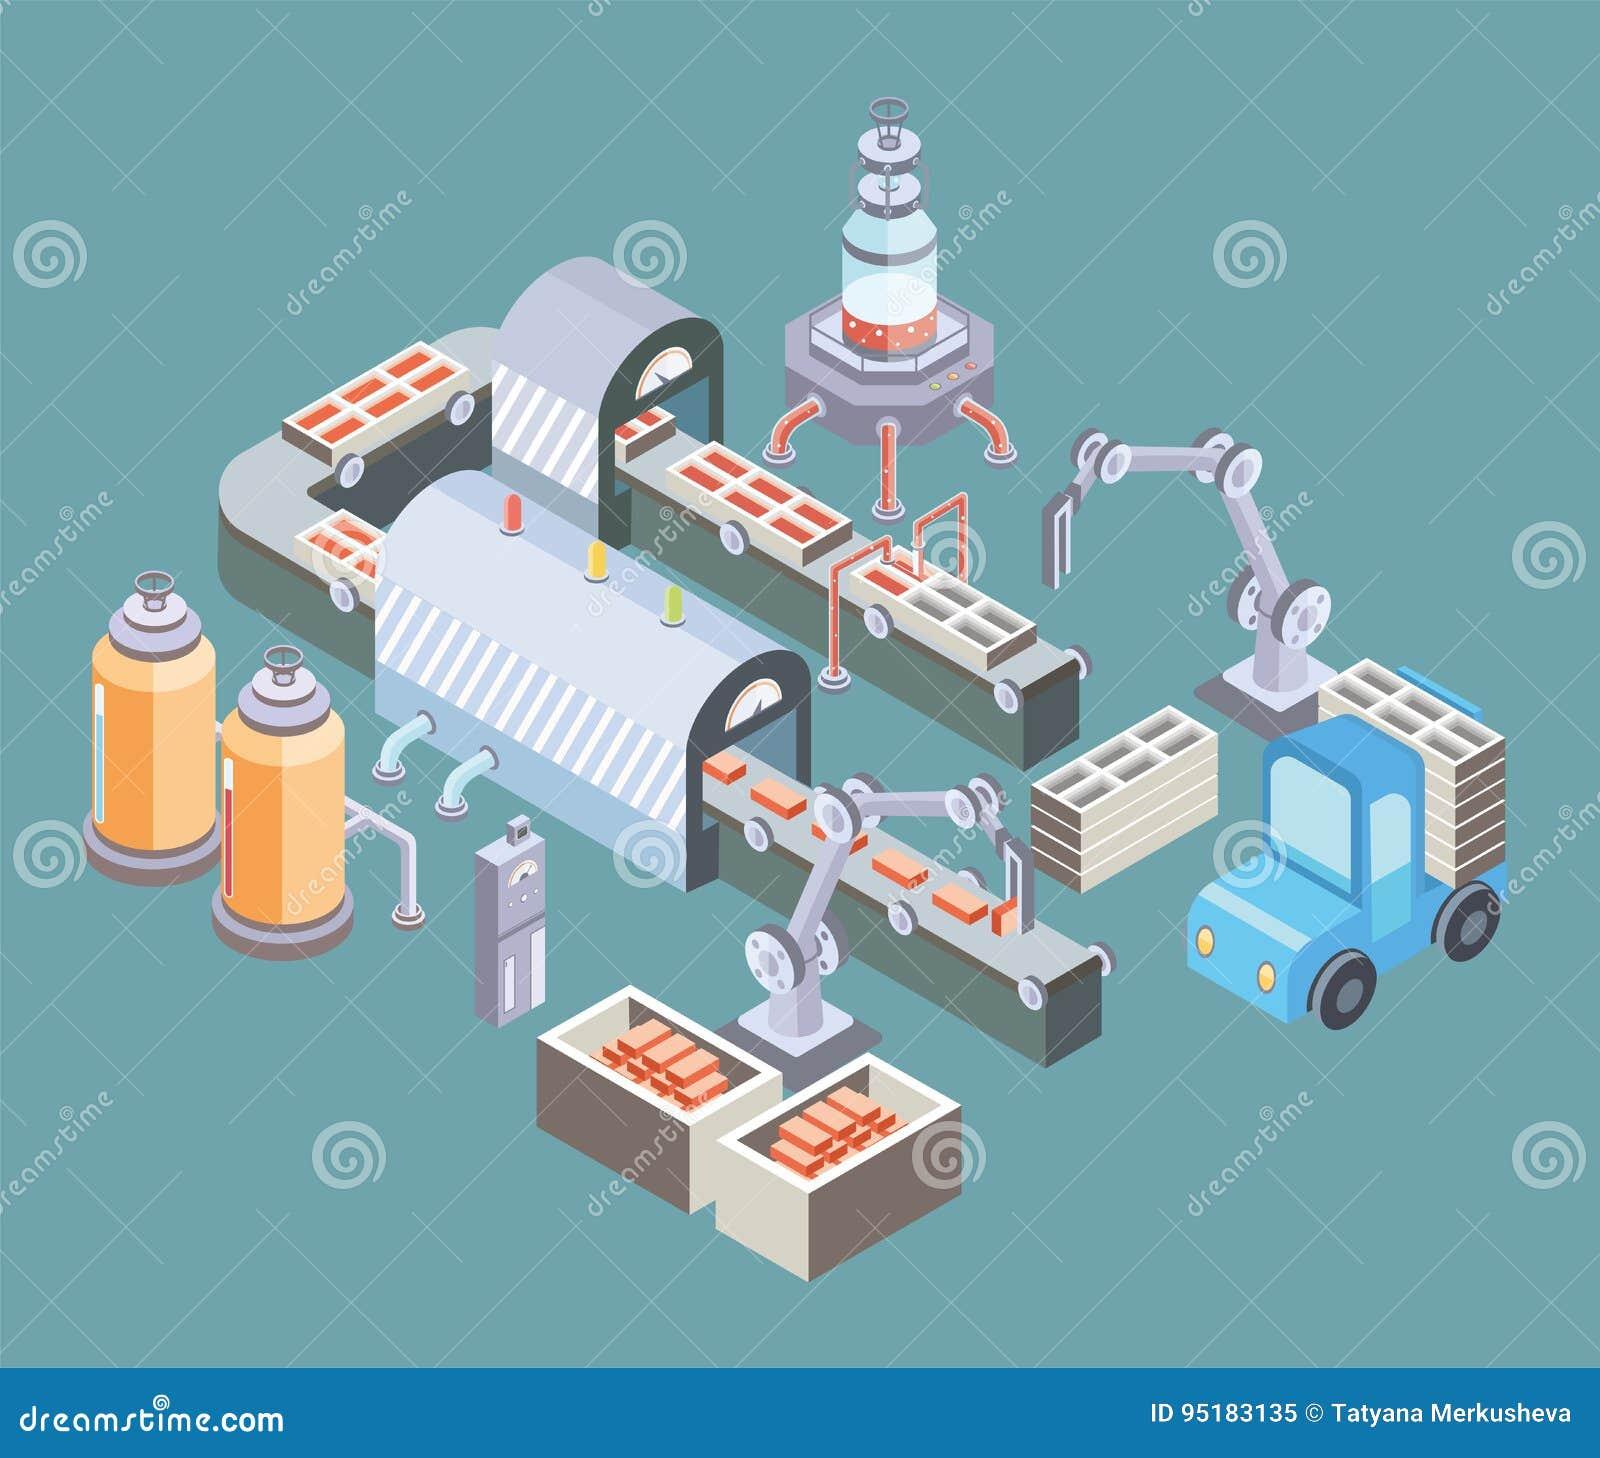 Αυτοματοποιημένη γραμμή παραγωγής Πάτωμα εργοστασίων με το μεταφορέα και τις διάφορες μηχανές Διανυσματική απεικόνιση στη isometr